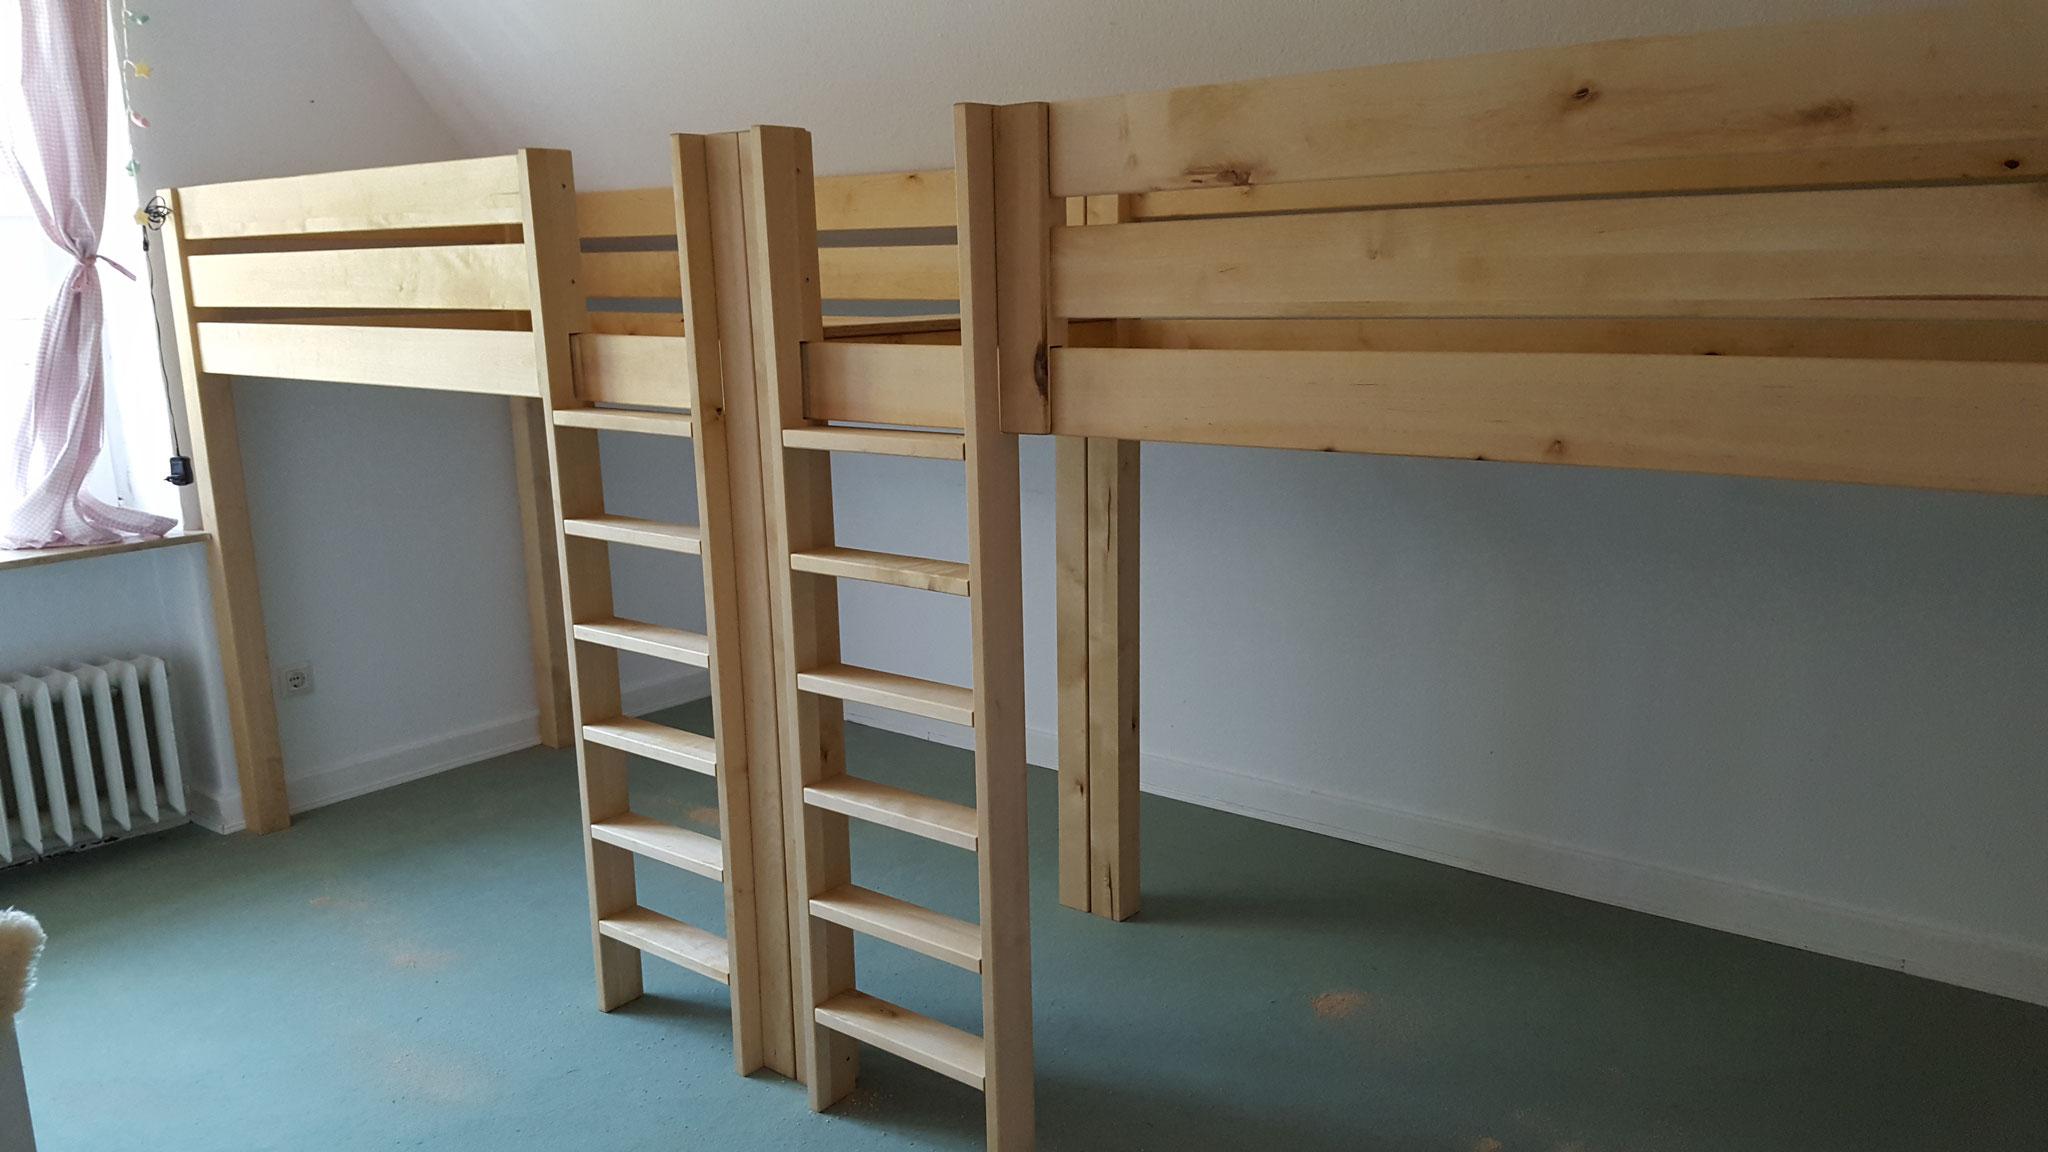 Doppel-Hochbetten  aus Birkenholz , Oberfläche geölt